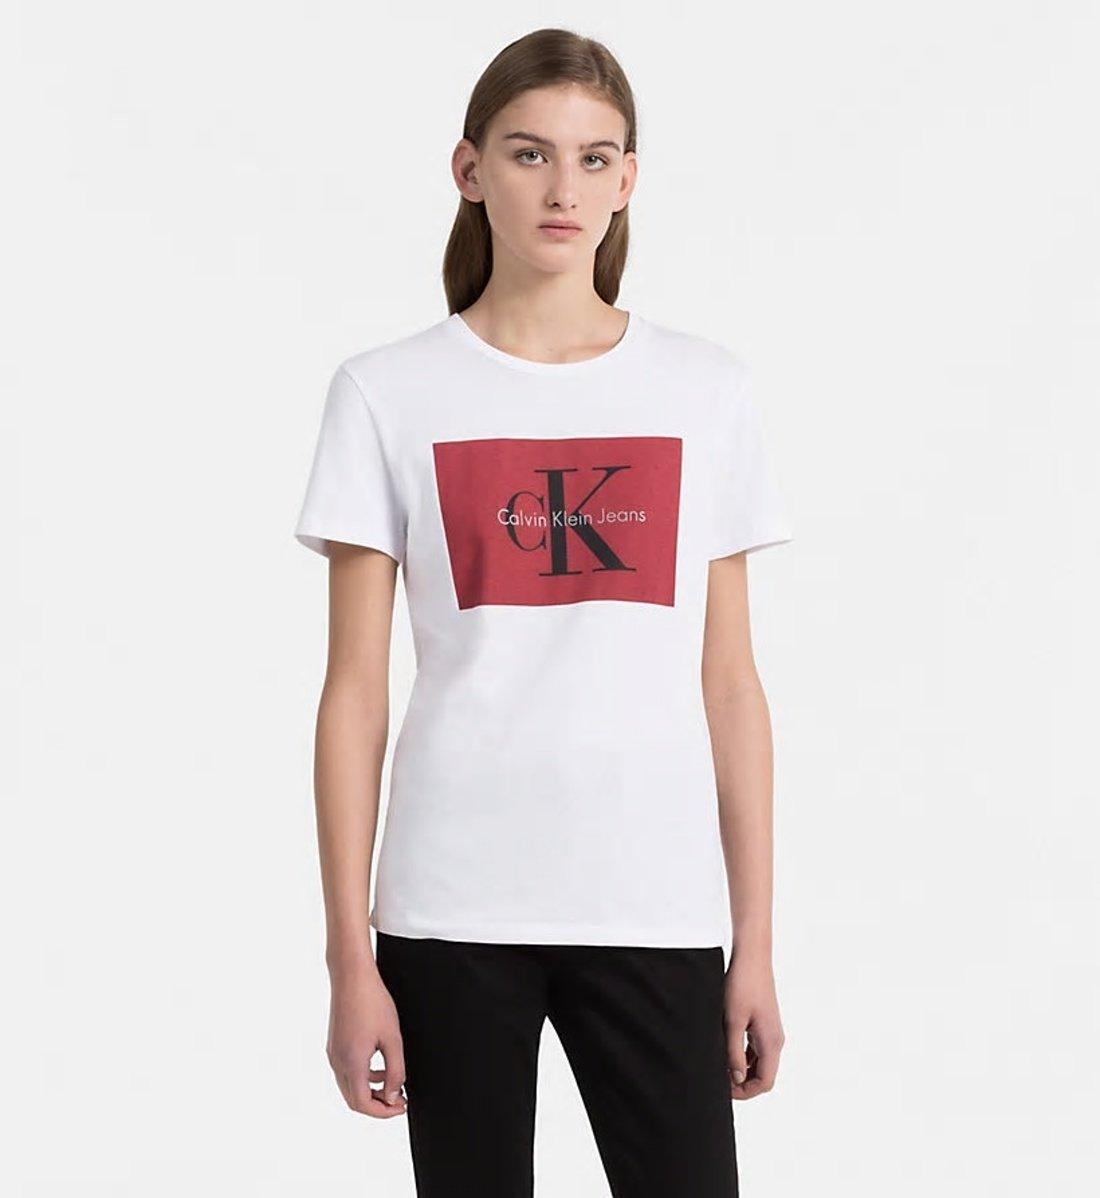 556756a73 Calvin Klein dámske biele tričko s potlačou - Glami.sk